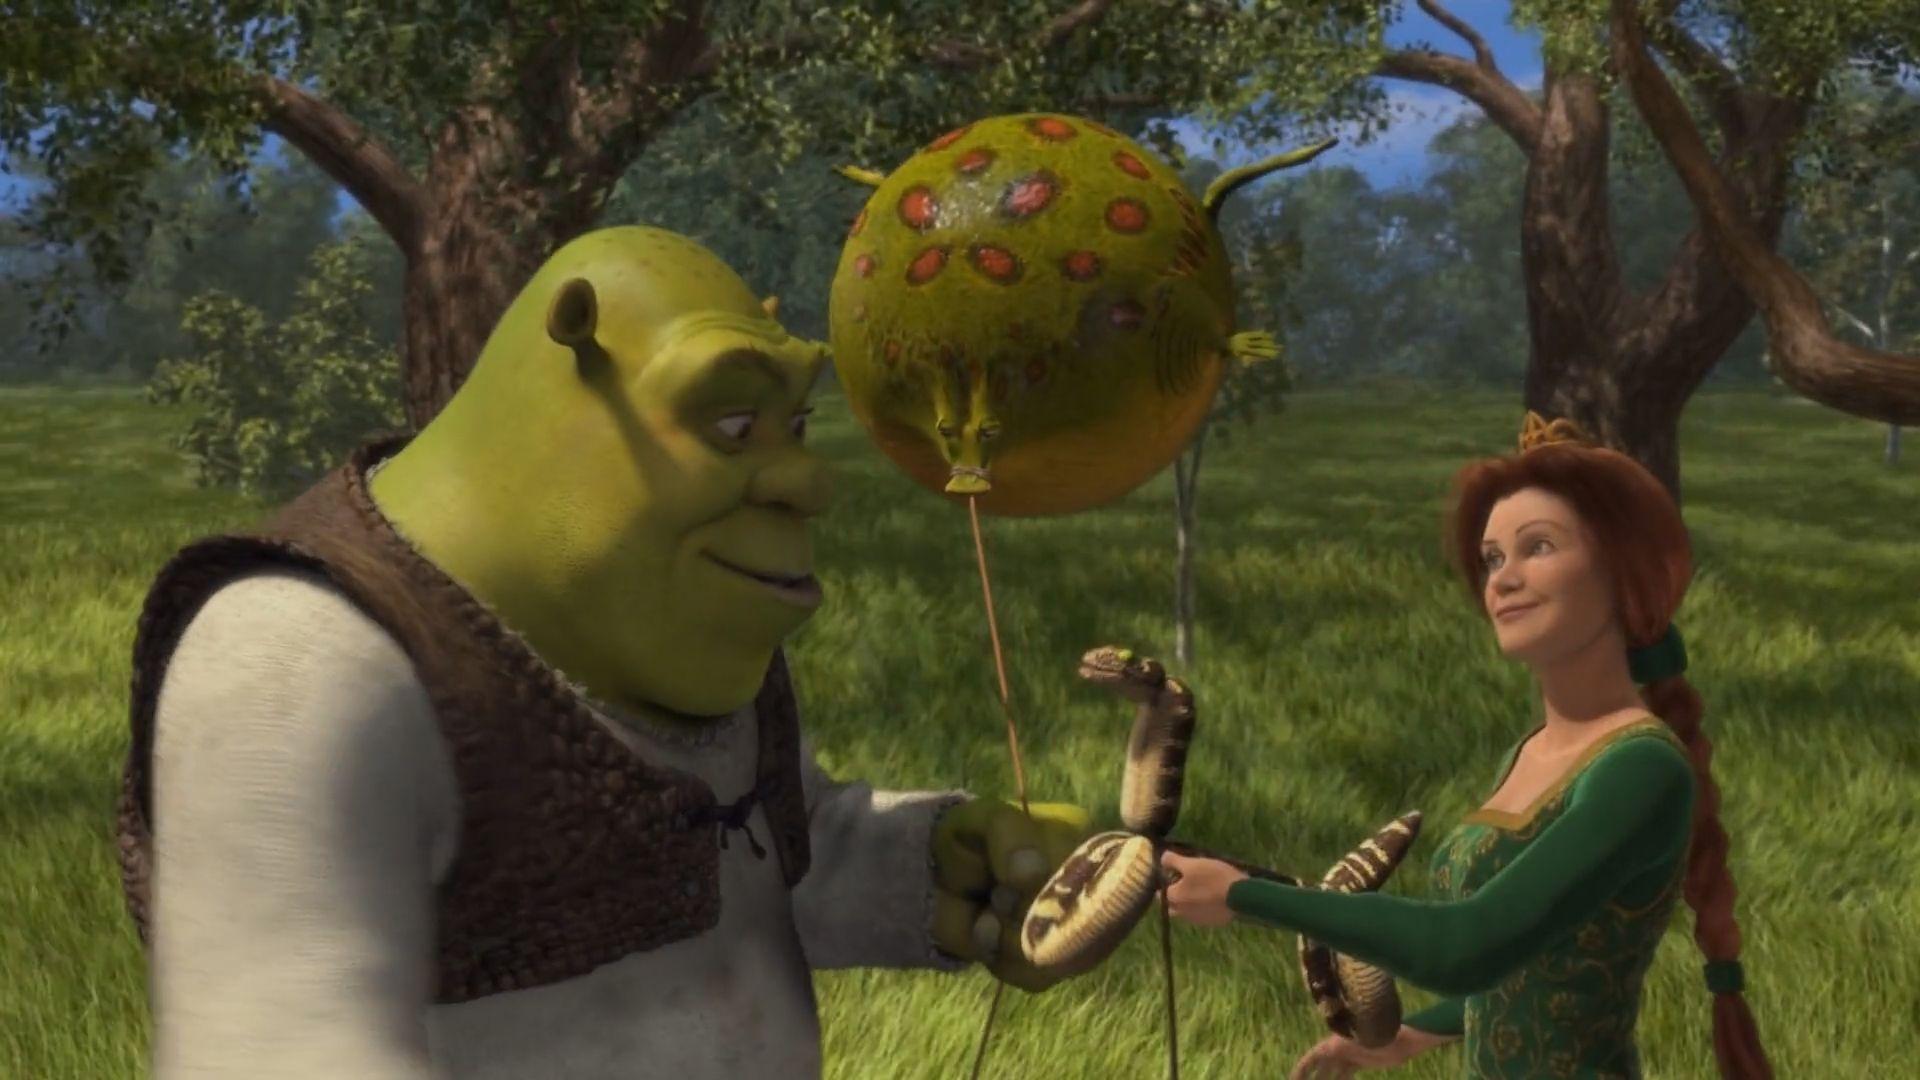 3. Shrek